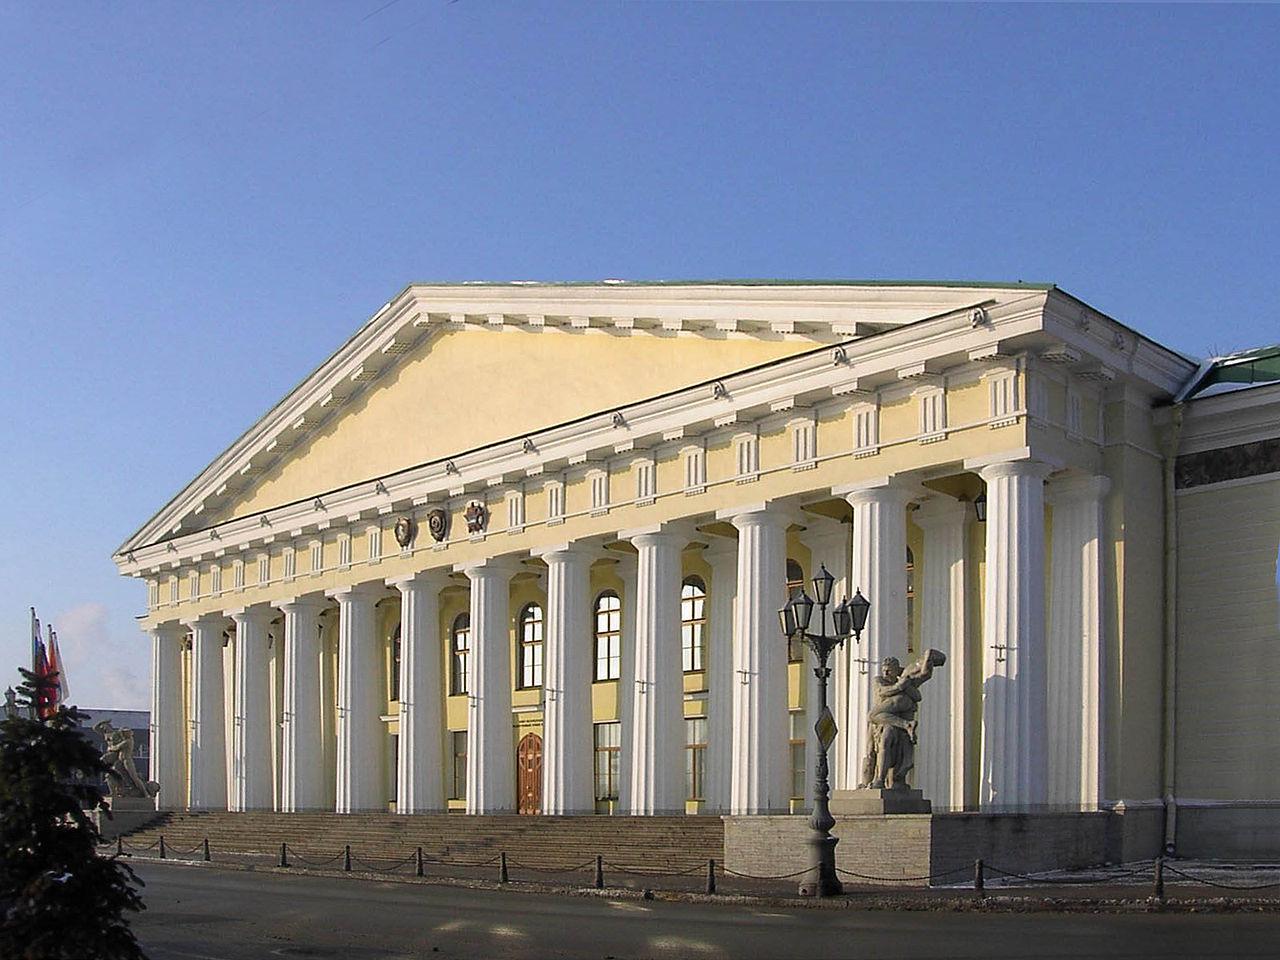 Главное здание Горного университета (1811) в стиле классицизма, арх. А. Н. Воронихин.